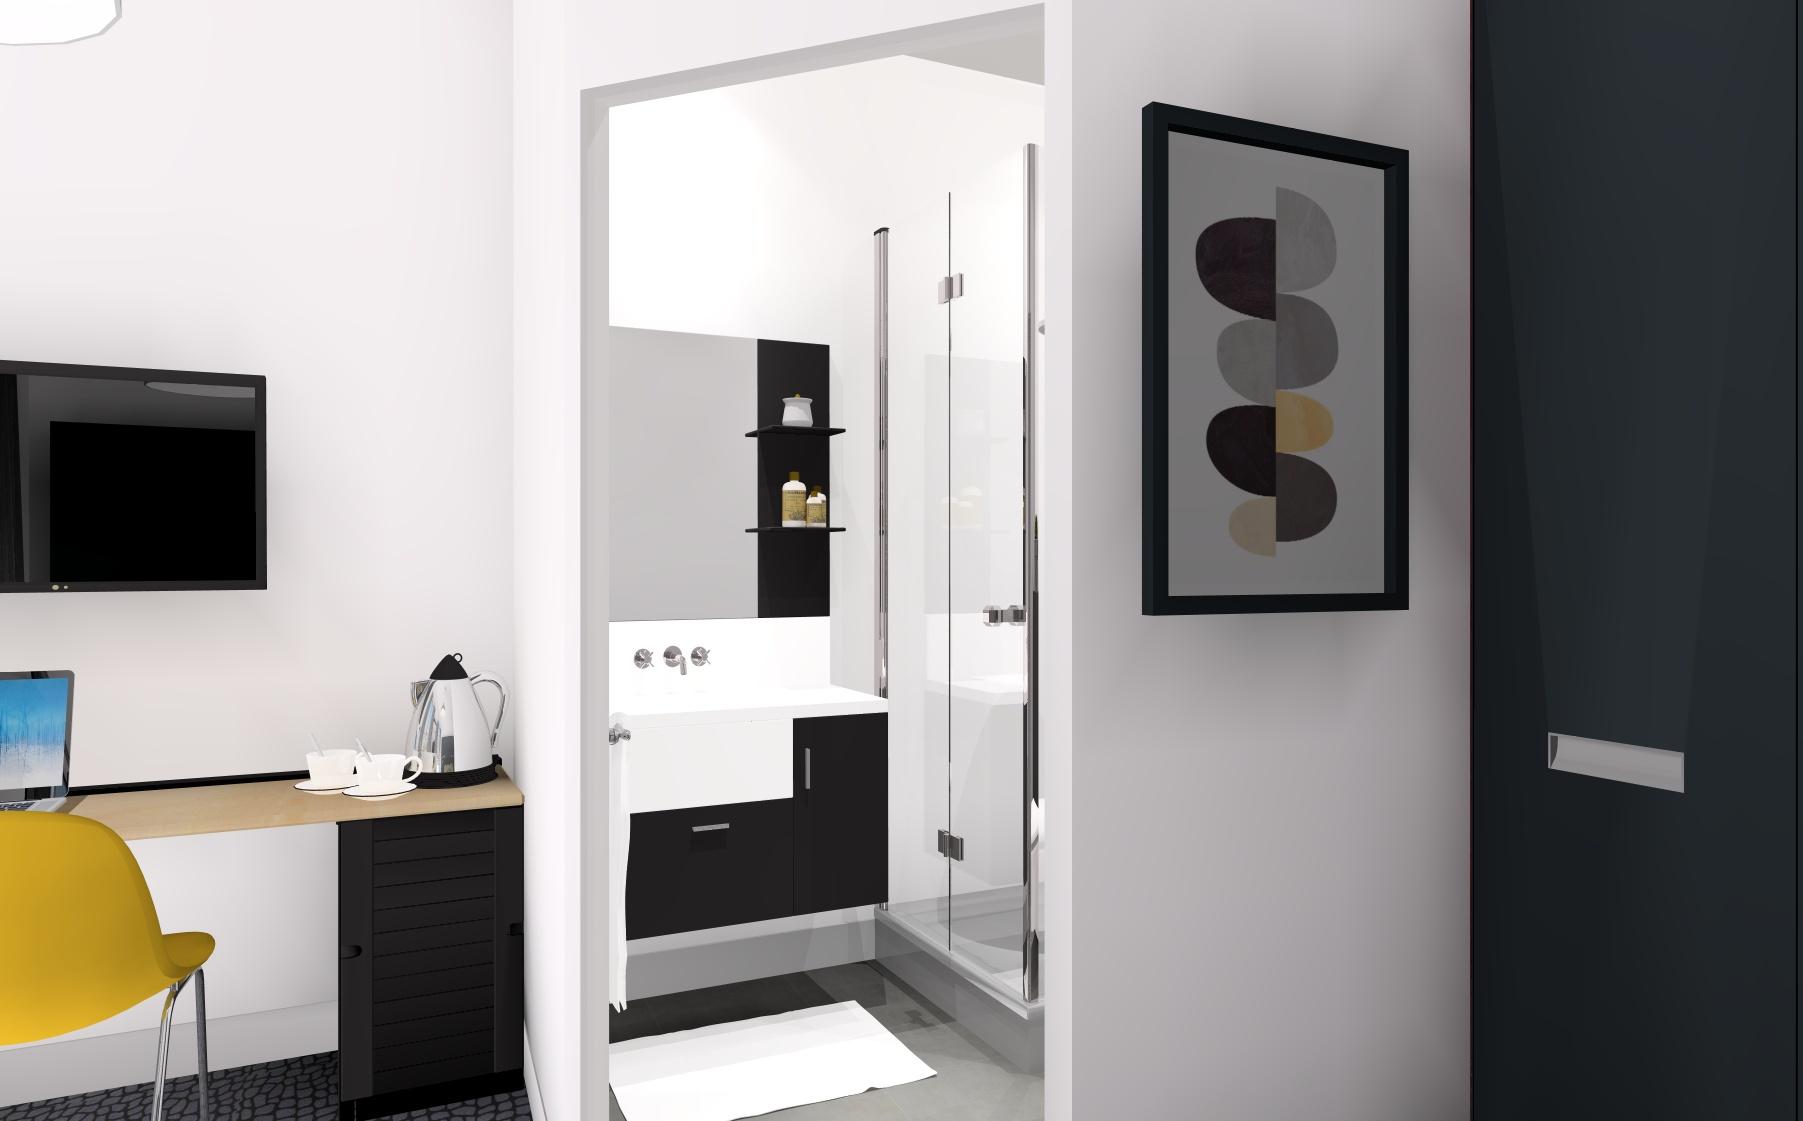 Simulation salle de bain 3d simuler votre salle de bain for Plan salle de bain 3d